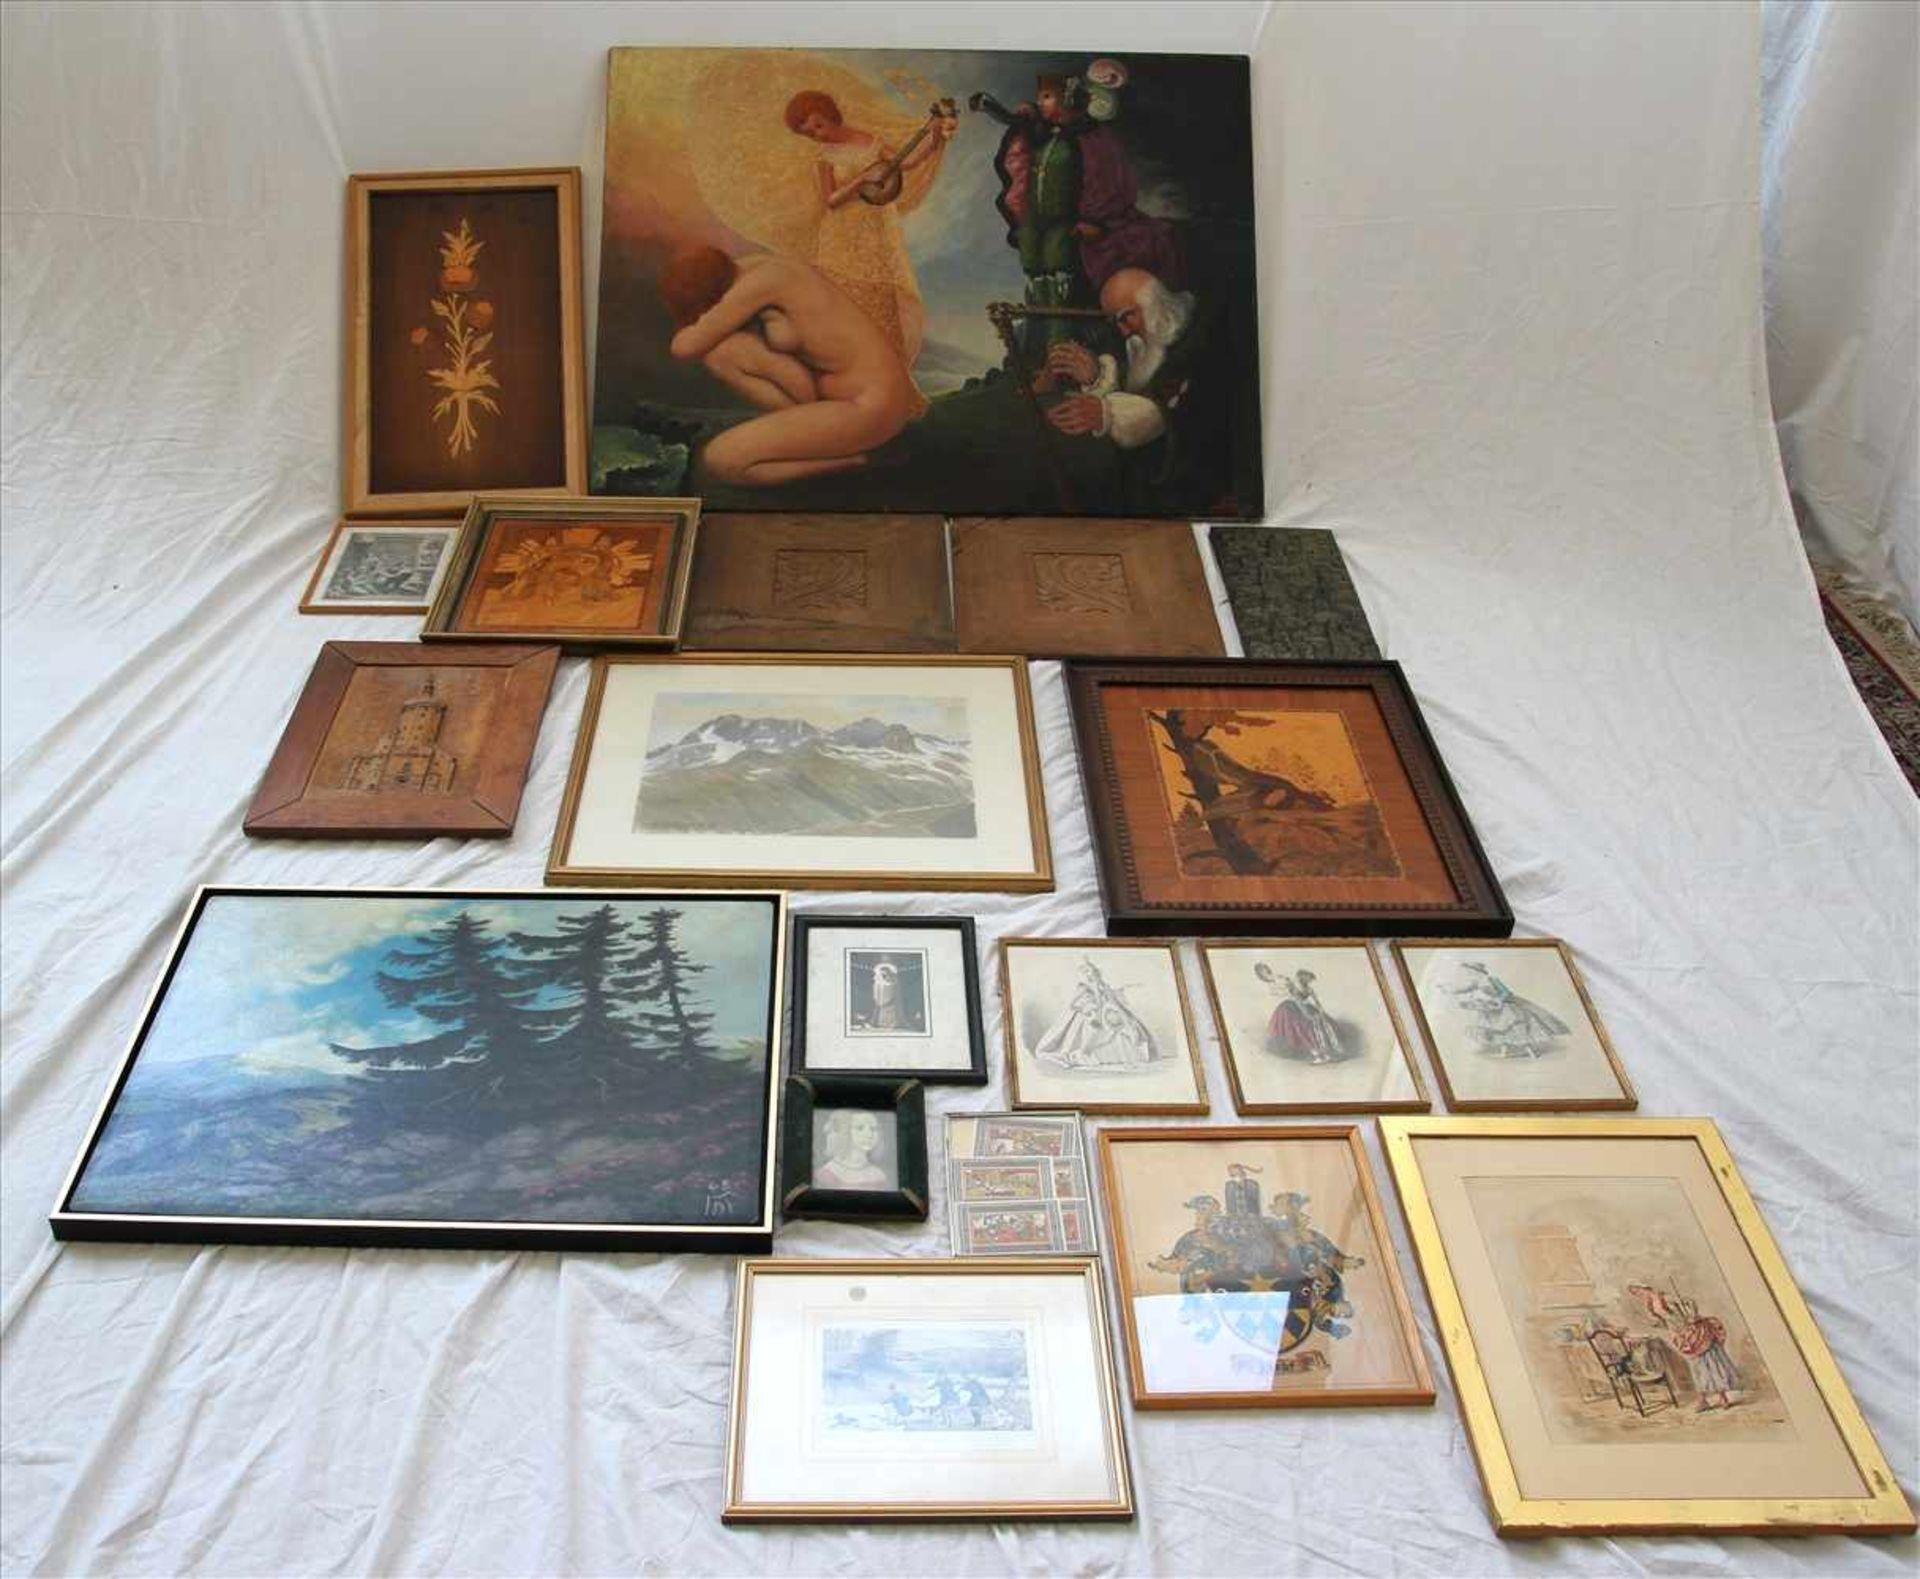 Los 57 - Konvolut RahmenEin Ölgemälde (ohne Rahmen), Graphiken, Drucke, Collagen. Größtes Format ca. 77 x 100